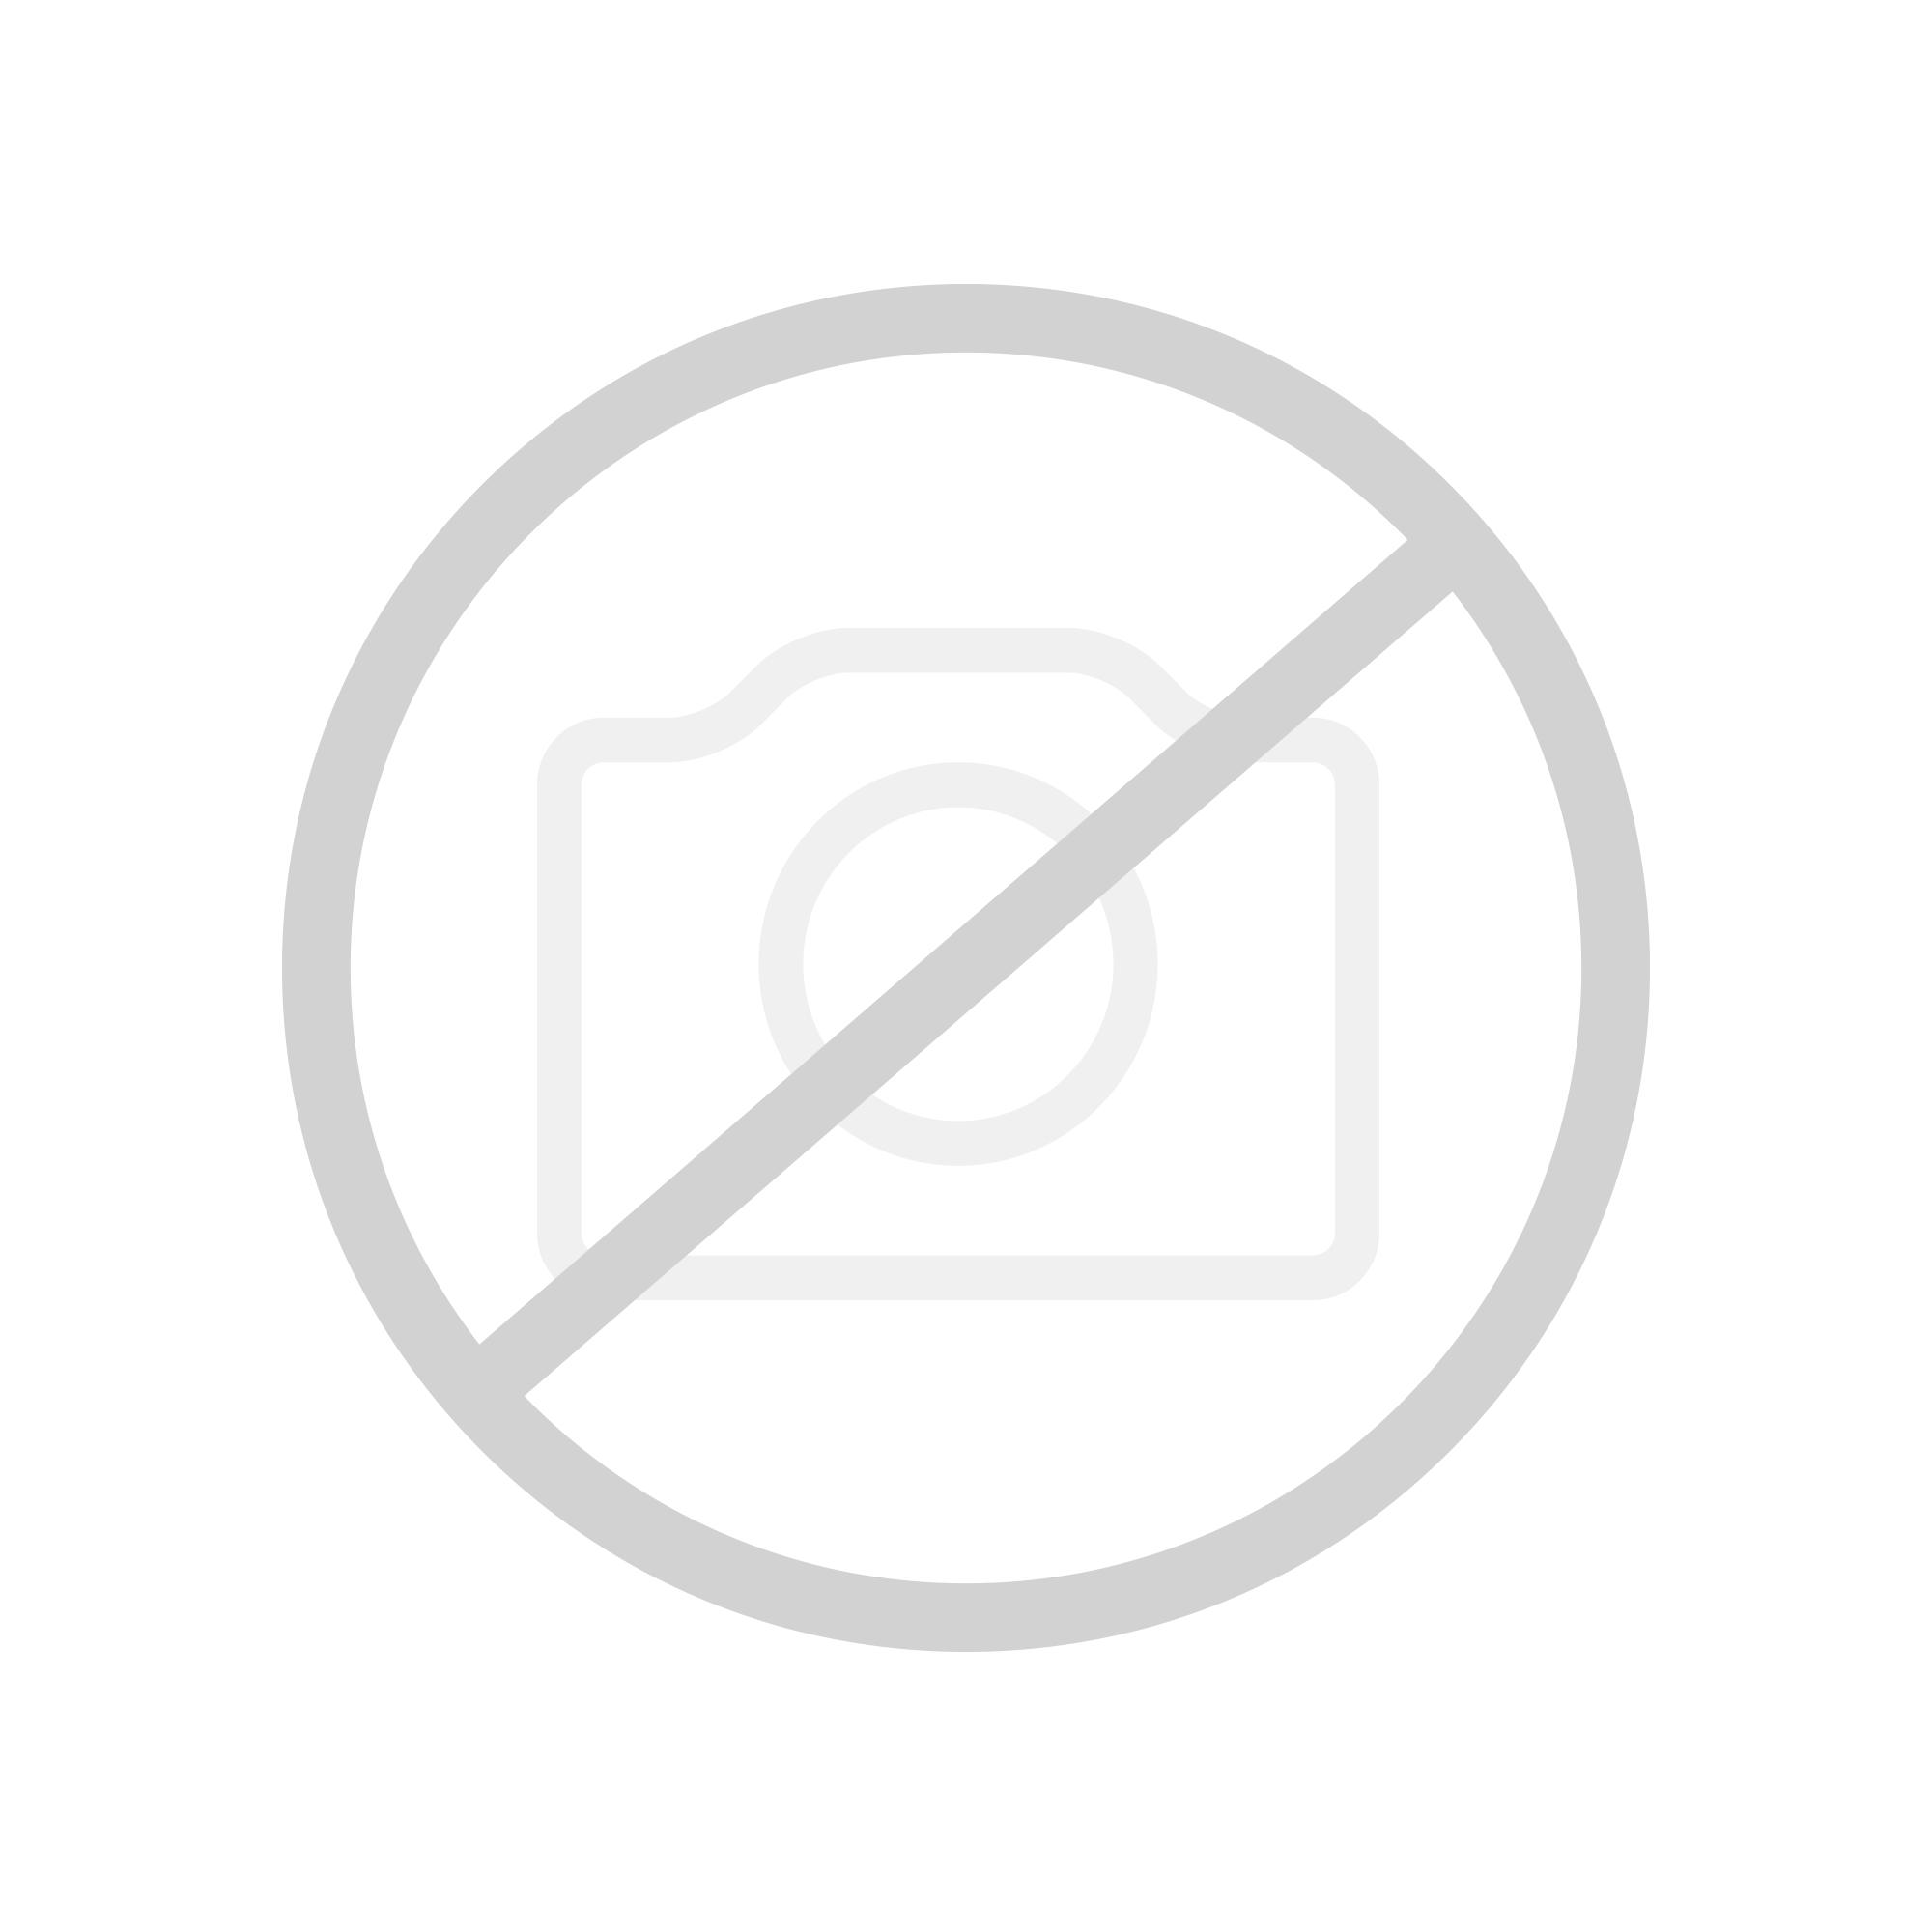 Geberit Duofix Montageelement für Urinal Universal 98 cm, Betätigung von oben